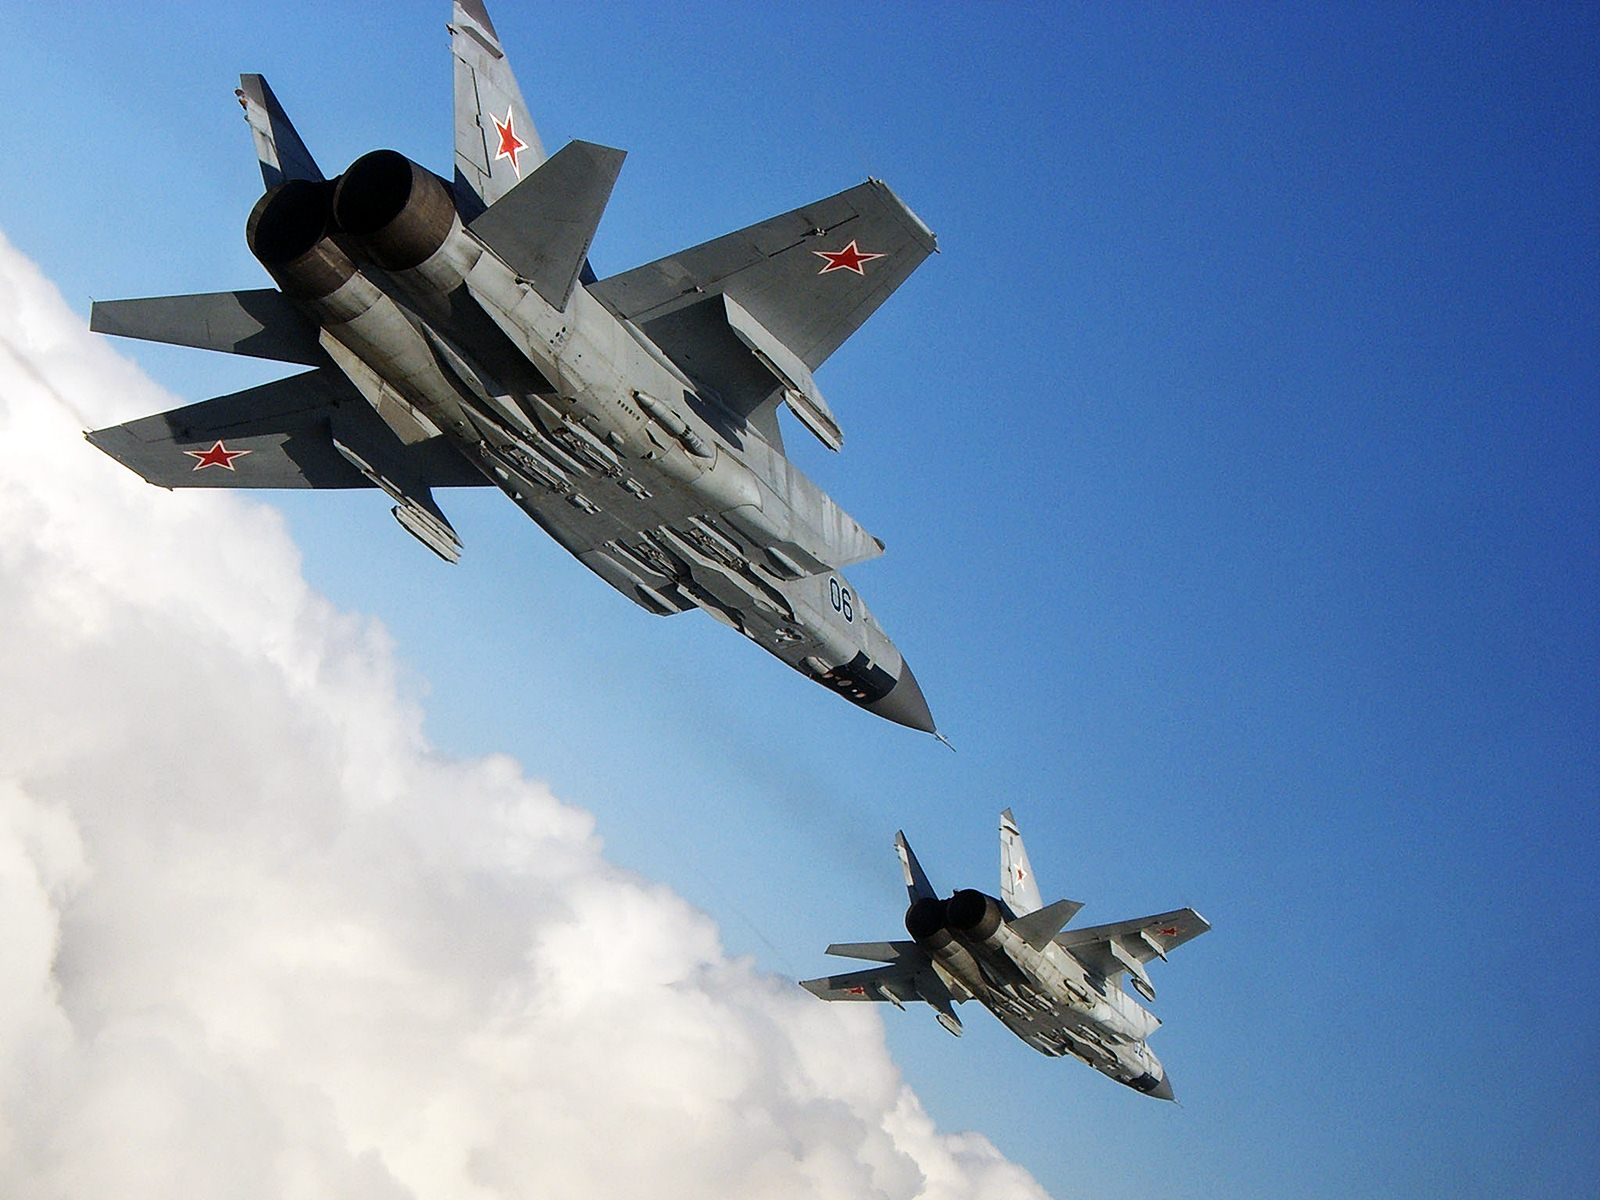 القوات المسلحة السورية , ماذا تحتاج للتوزان عسكريا مع إسرائيل ؟ - صفحة 2 Mig-31-Russian-Air-Force